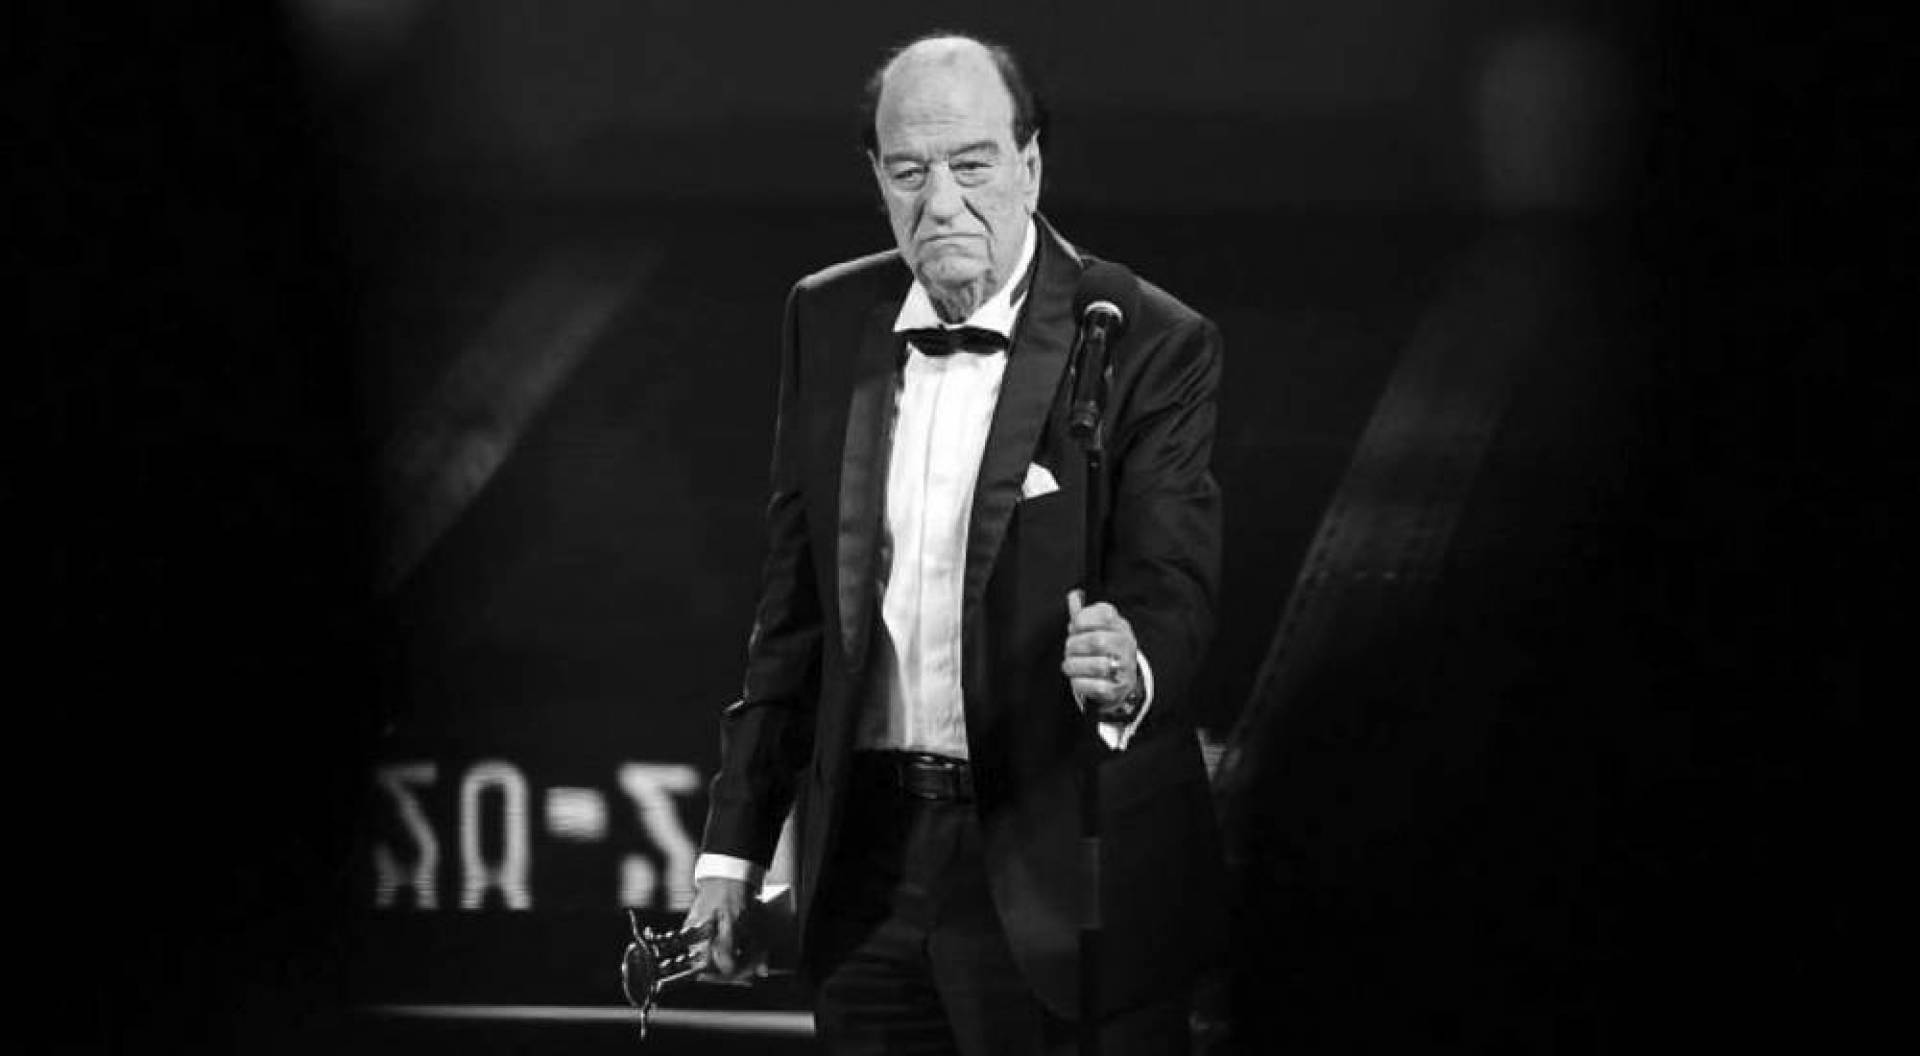 وفاة الفنان الكبير حسن حسني عن عمر ناهز 89 عاماً إثر أزمة قلبية مفاجئة